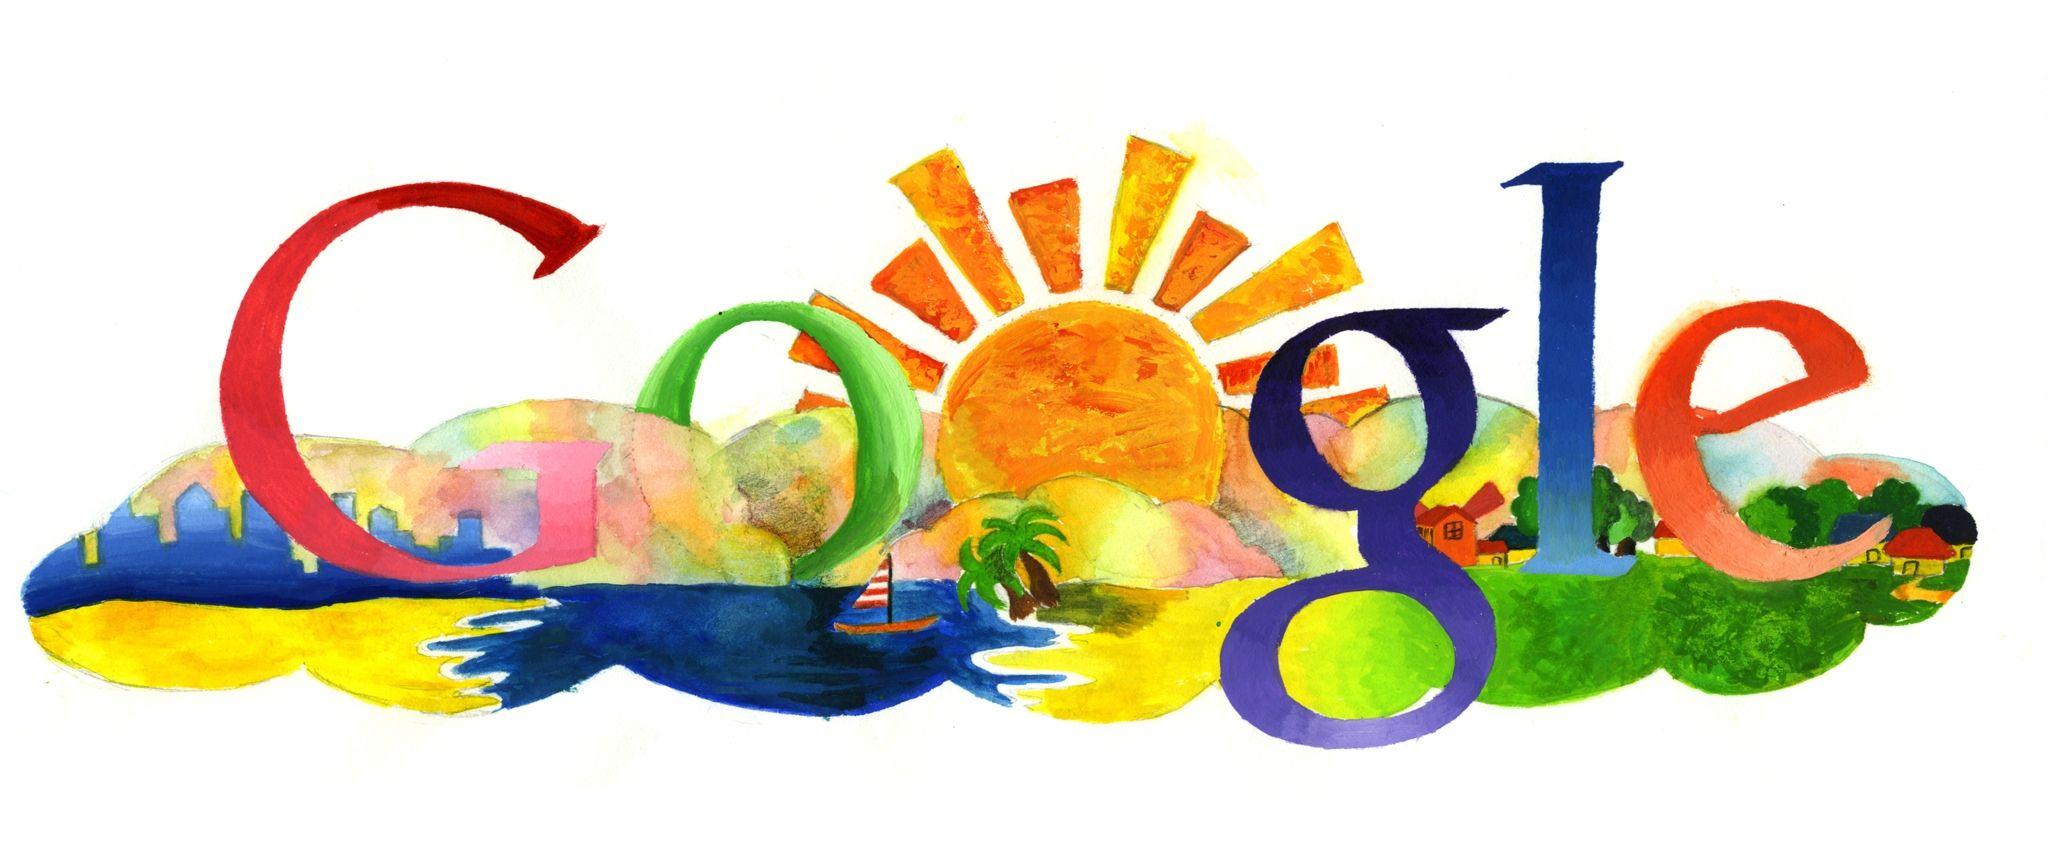 Google's Doodle 4 Google Logo Contest Get Doodling, Kids